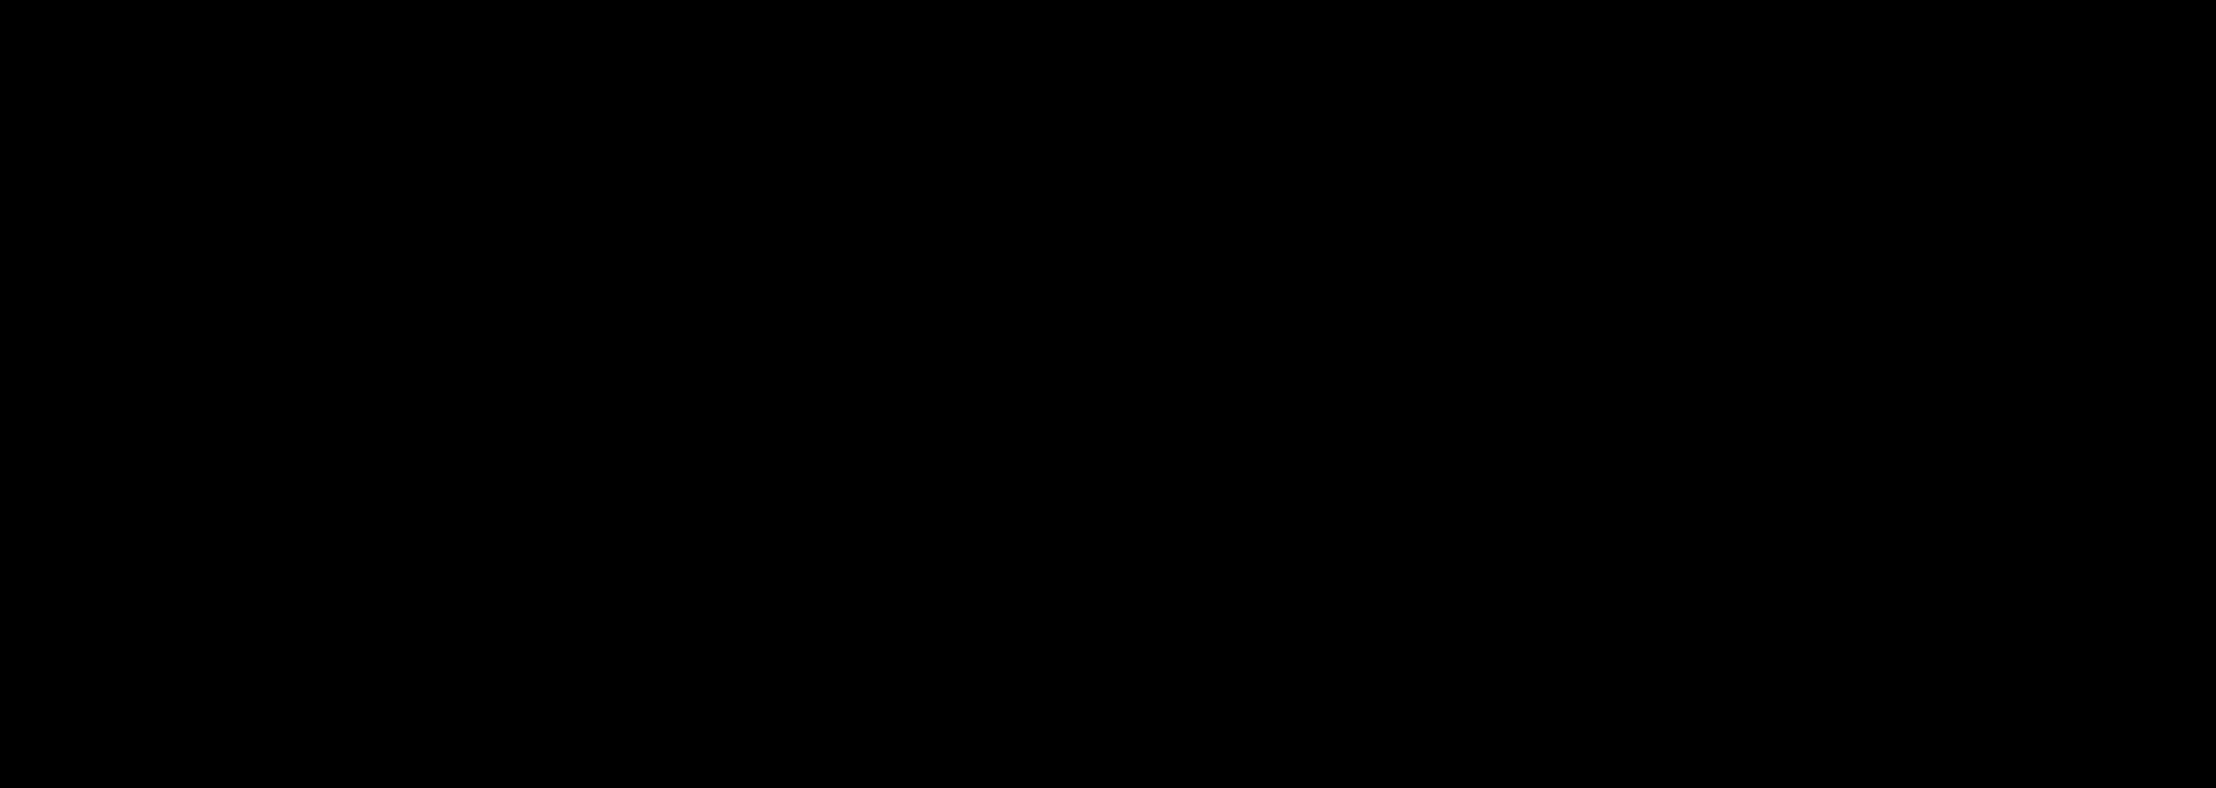 Biotin sulfone-1,6-hexanediamine